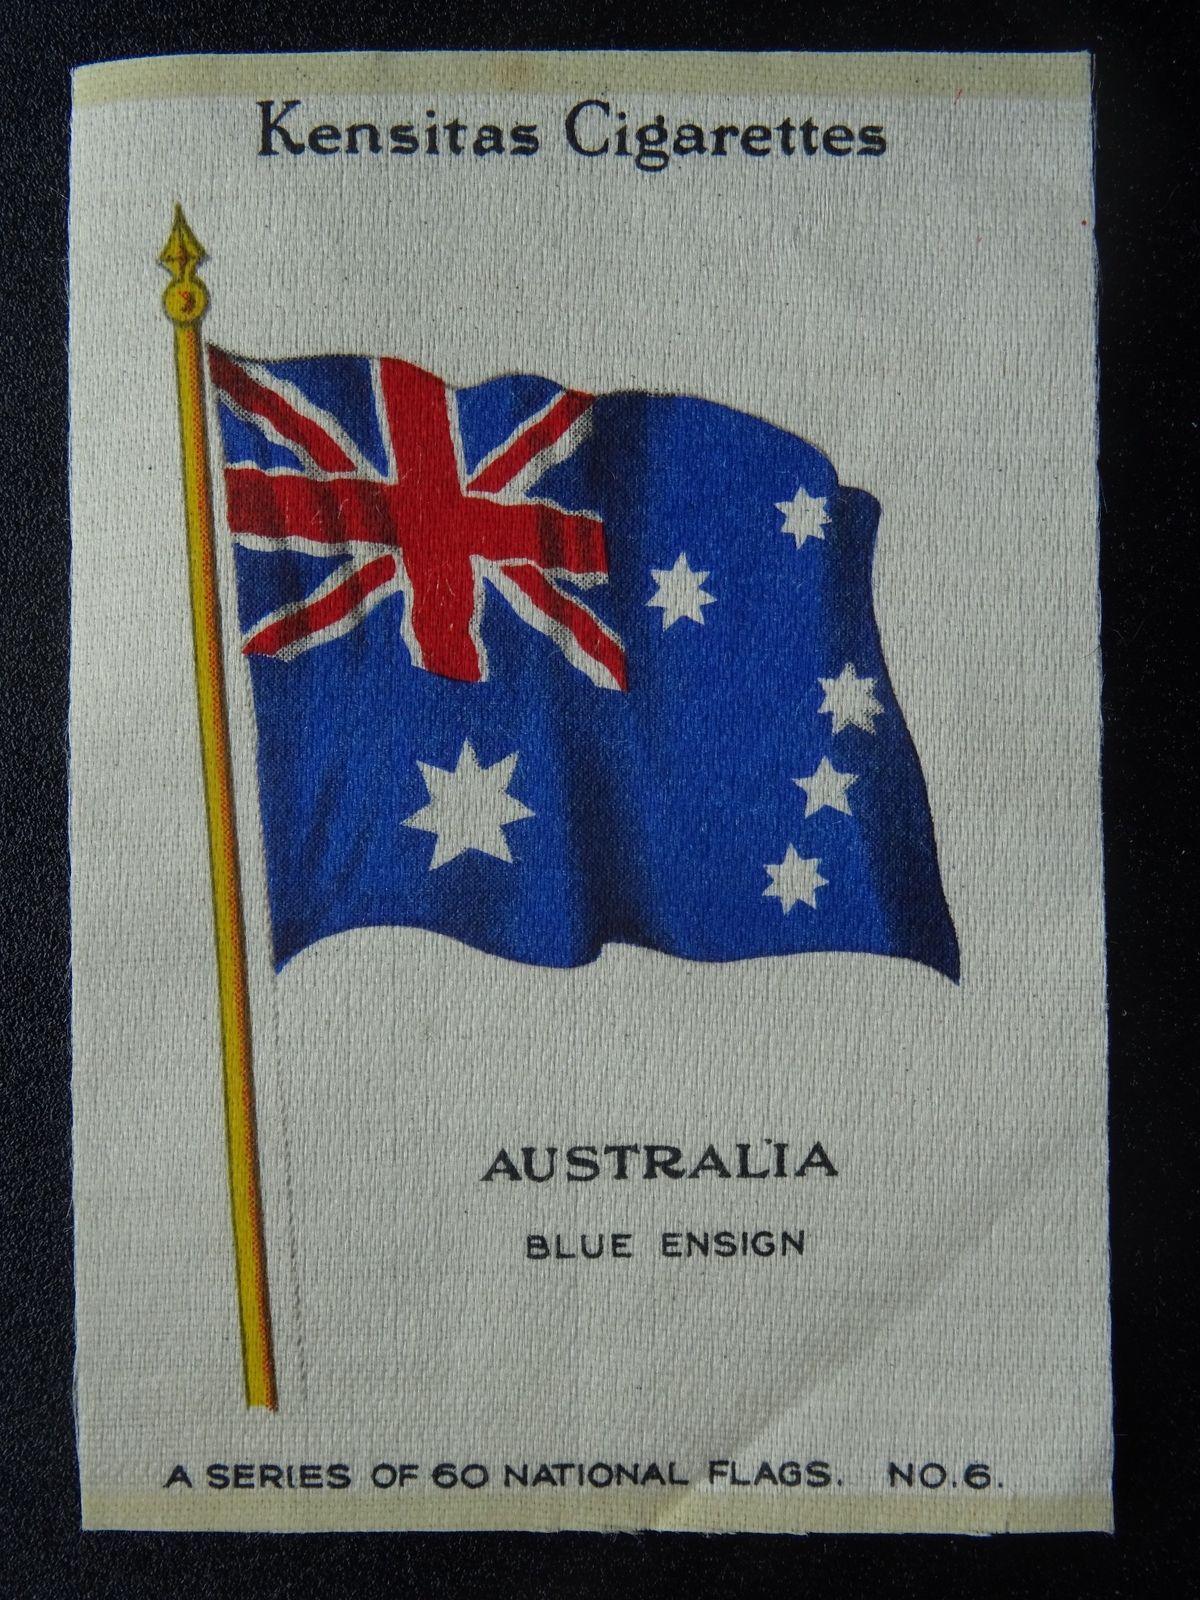 6 Australie National Flag Stock Market Flag